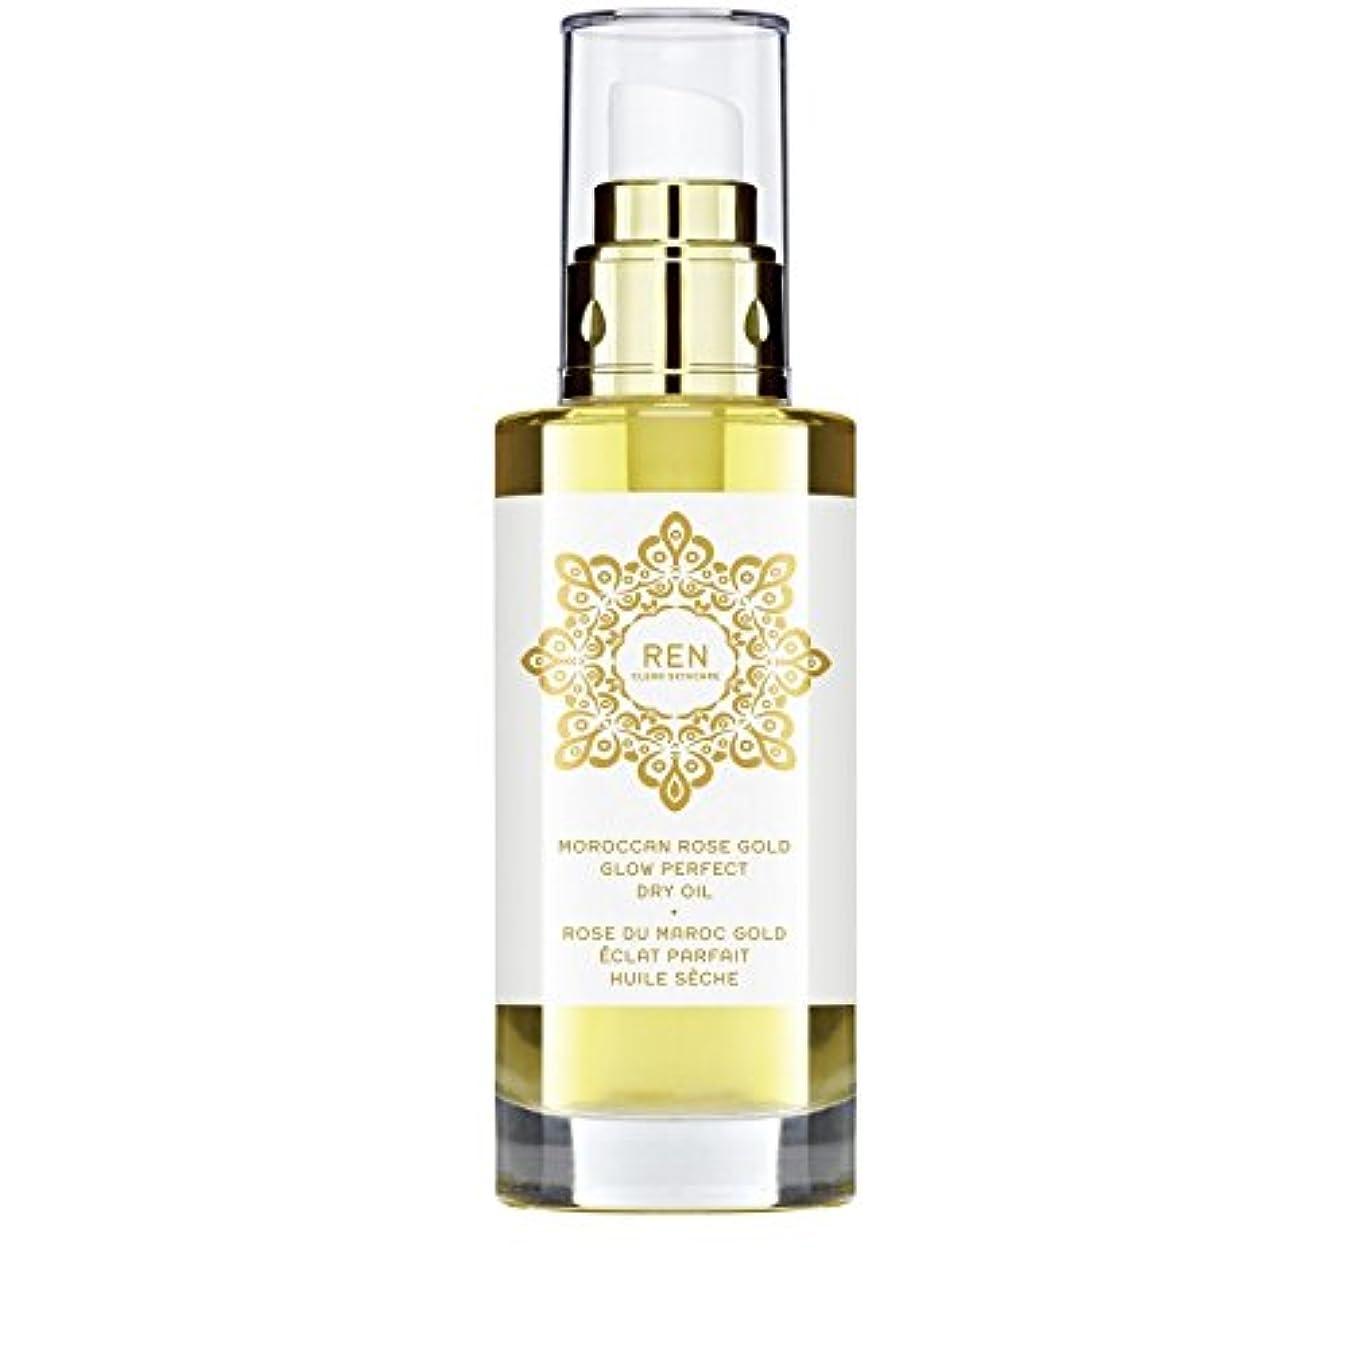 手配する送信する旋律的REN Moroccan Rose Gold Glow Perfect Dry Oil 100ml (Pack of 6) - モロッコは金が完璧なドライオイル100ミリリットルグローバラ x6 [並行輸入品]